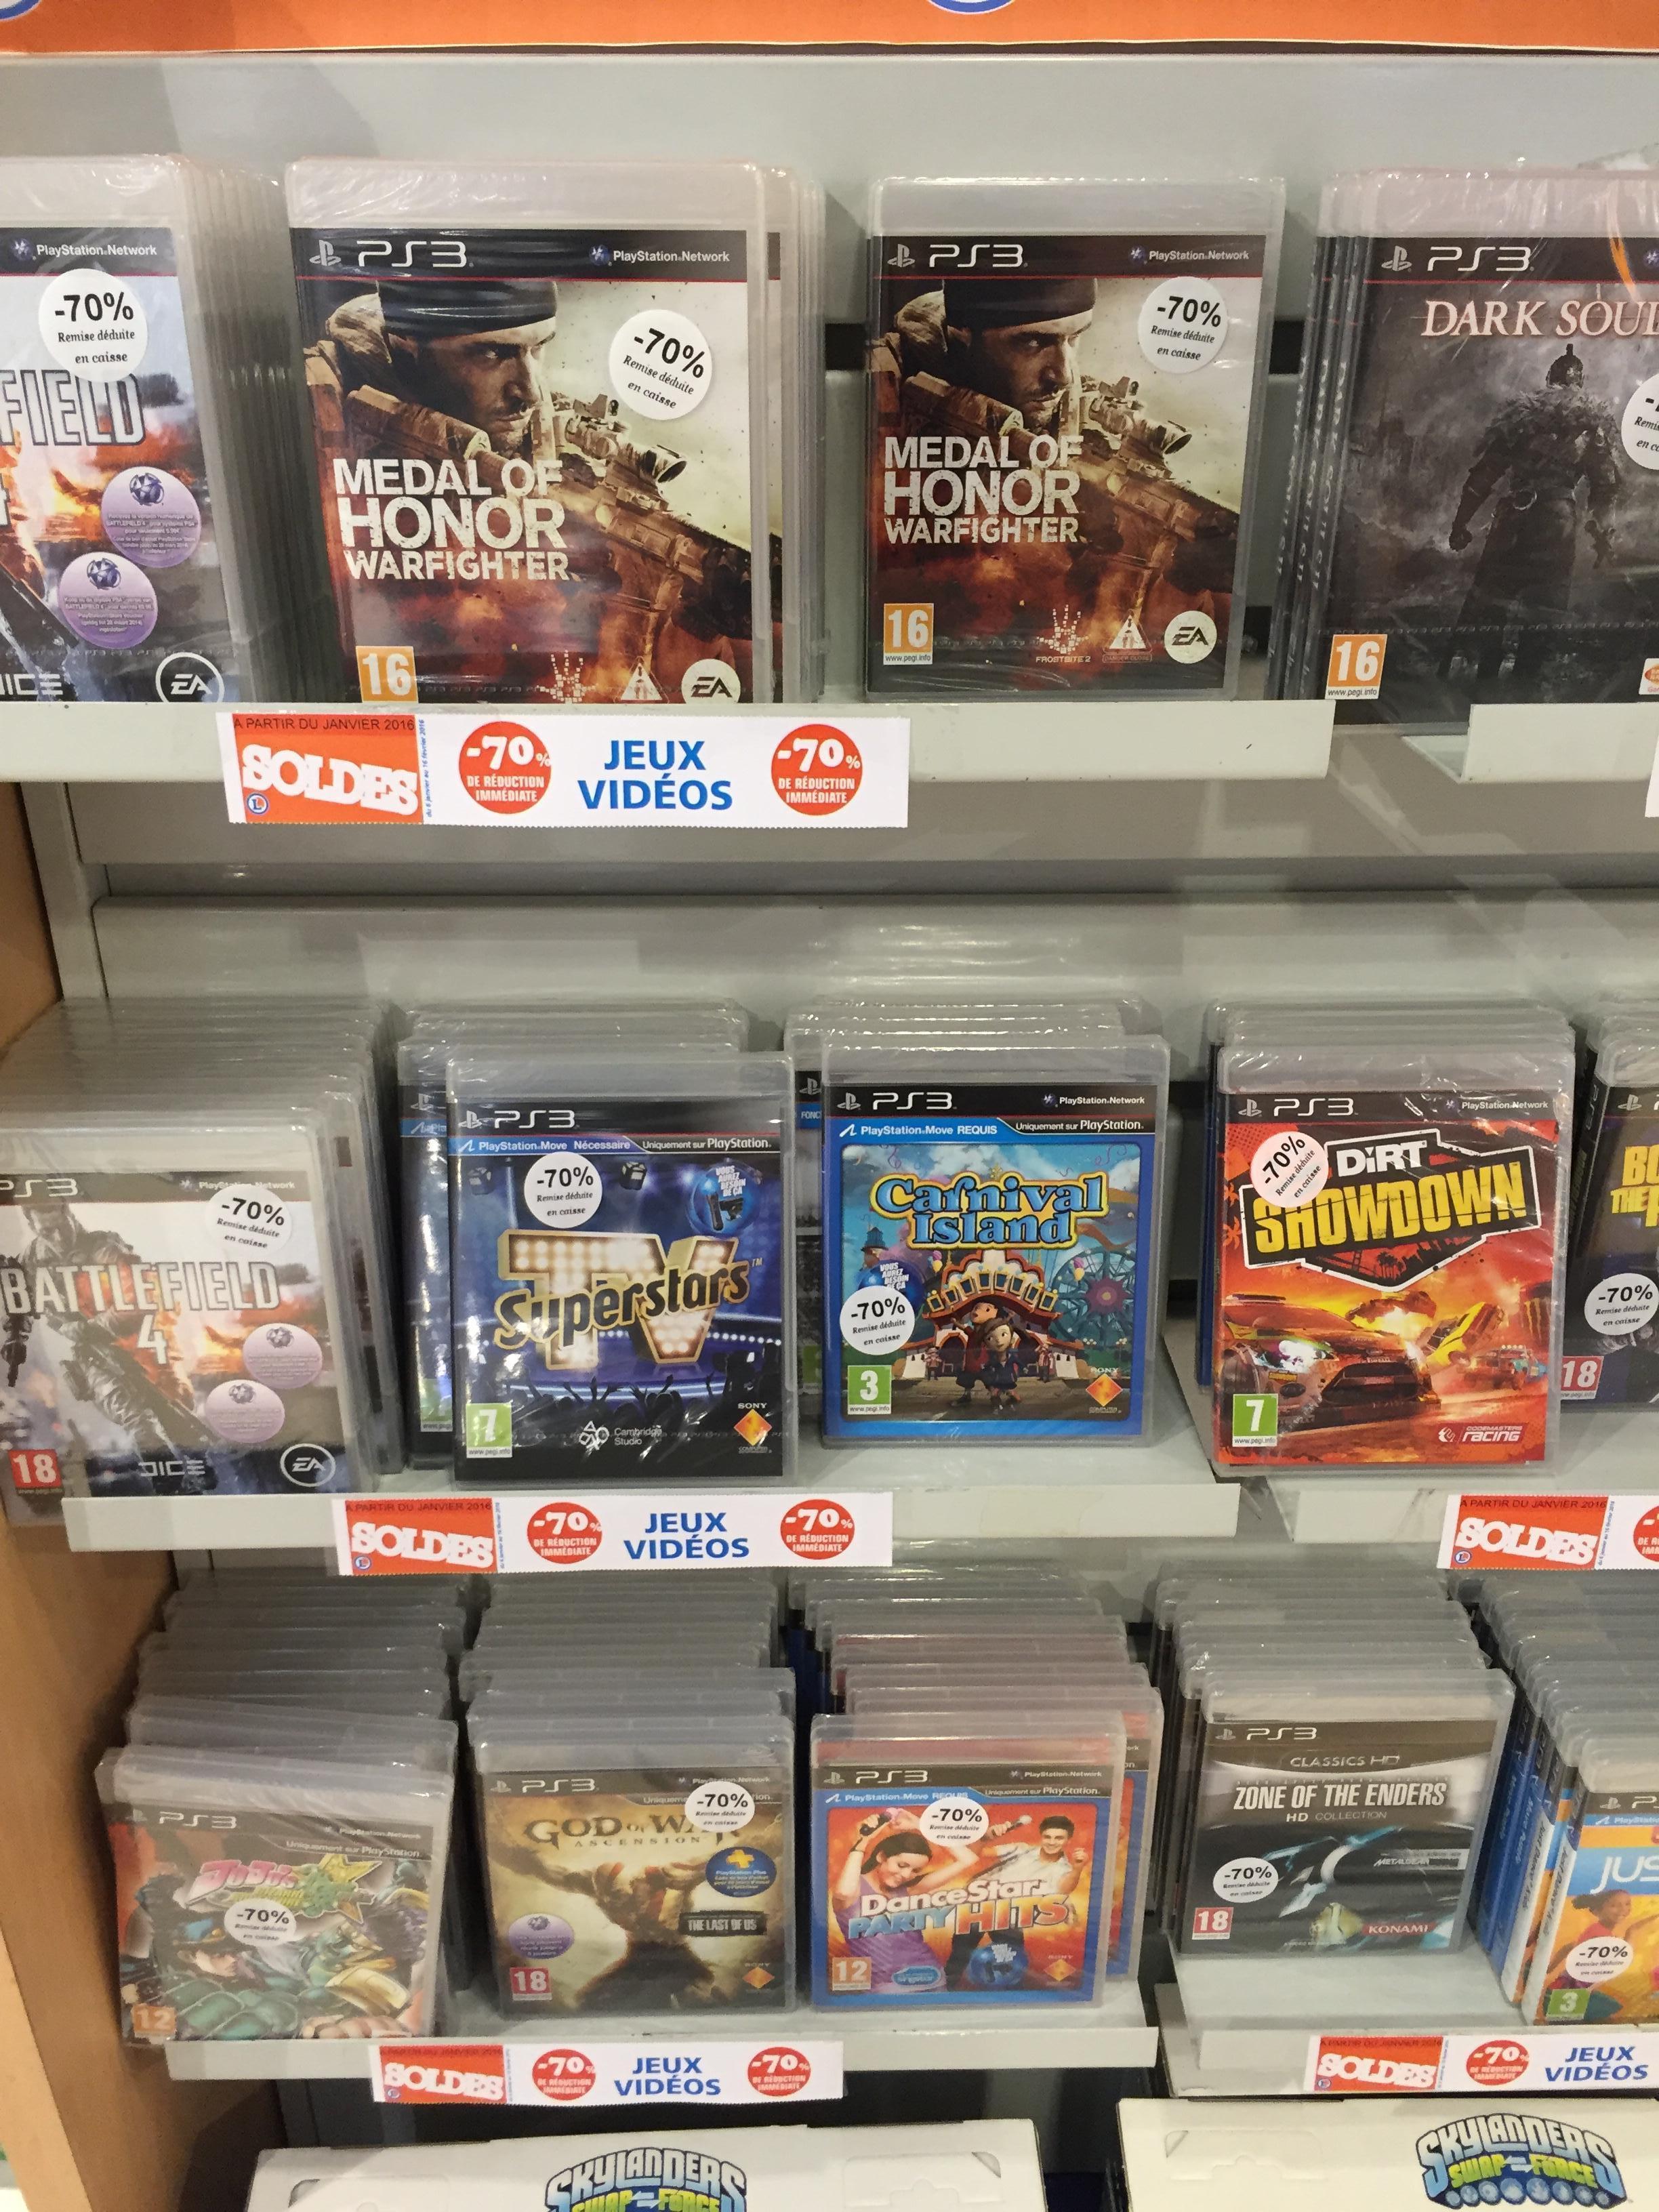 70% de réduction sur une sélection de jeux PS3 / Xbox 360 - Ex : Battlefield 4 sur PS3